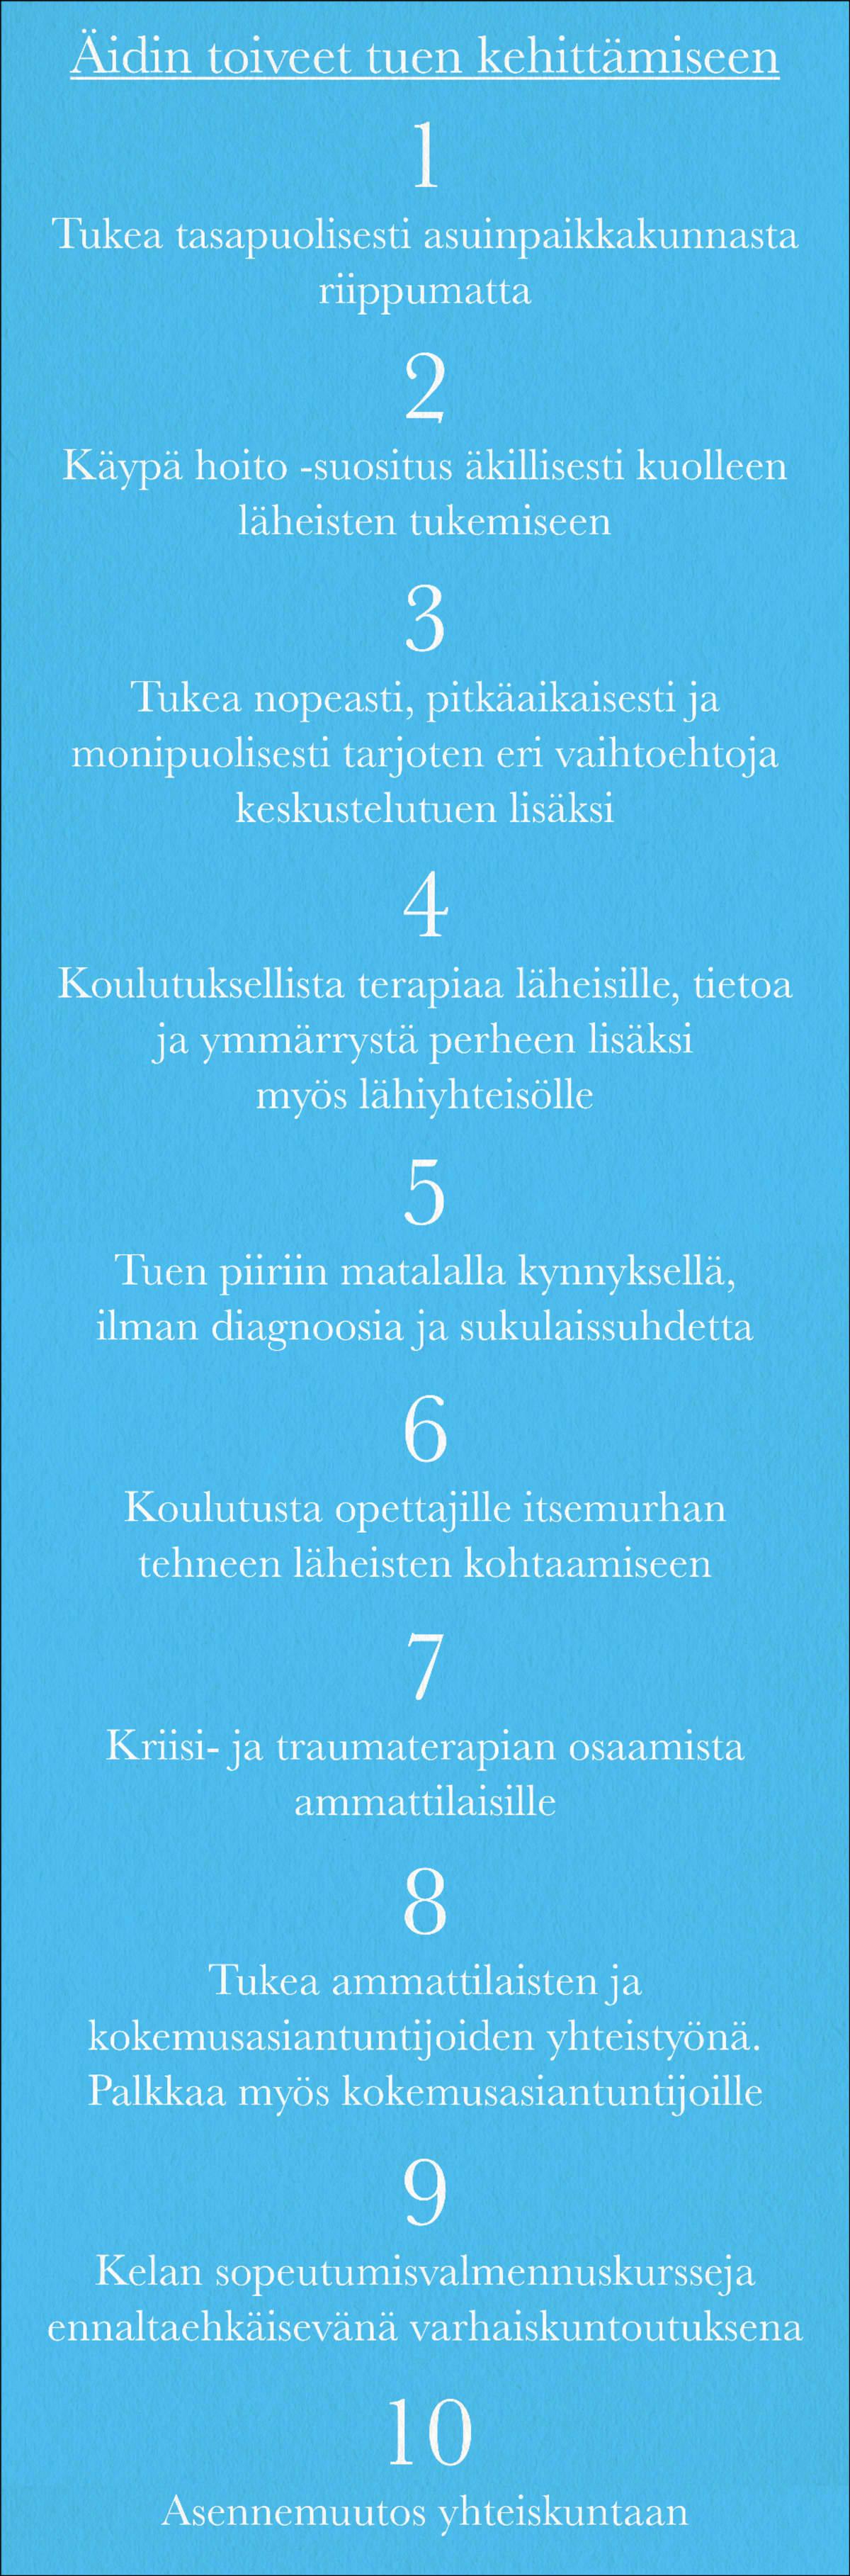 10 toivetta / Mediadeski